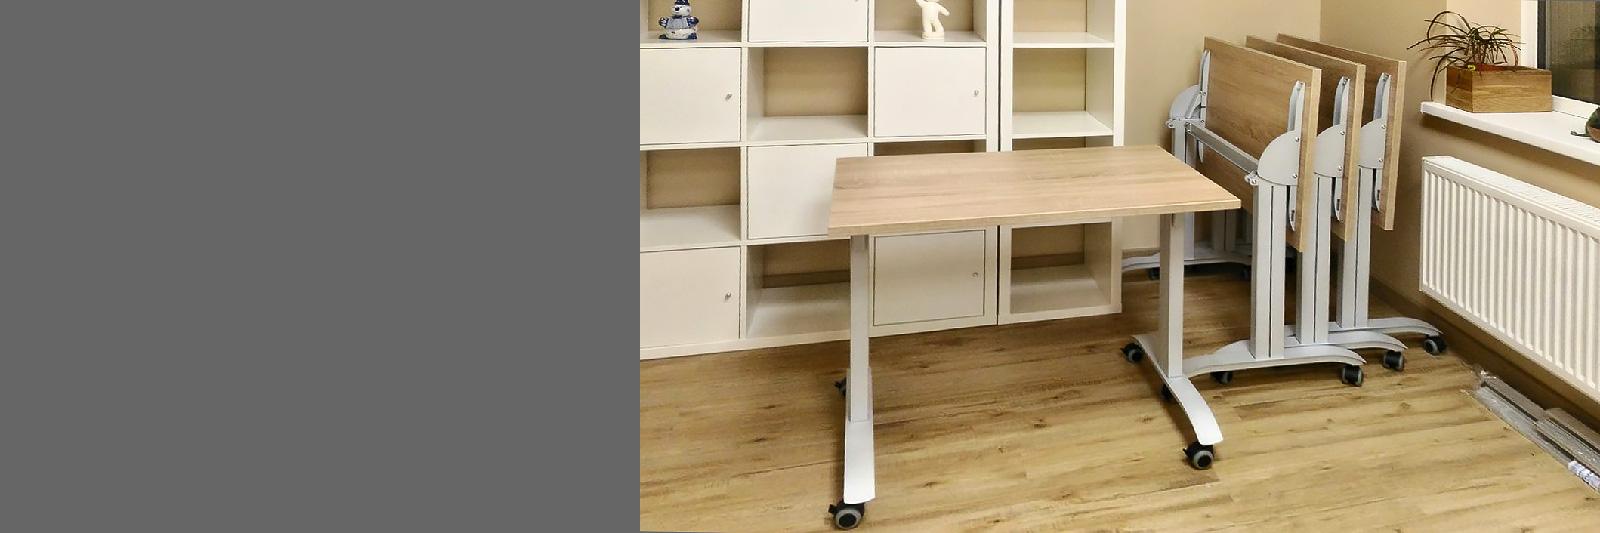 Мобильные столы со складной столешницей по индивидуальному заказу